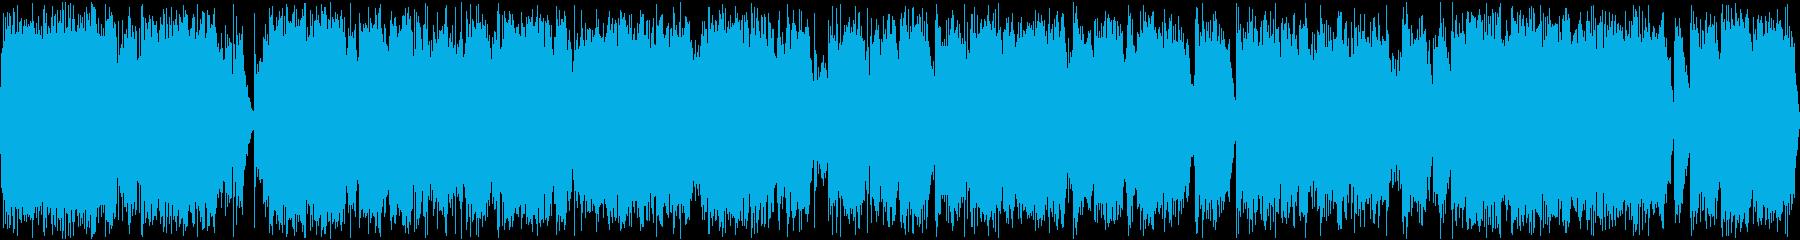 破壊された電気火炎アークバースト電...の再生済みの波形